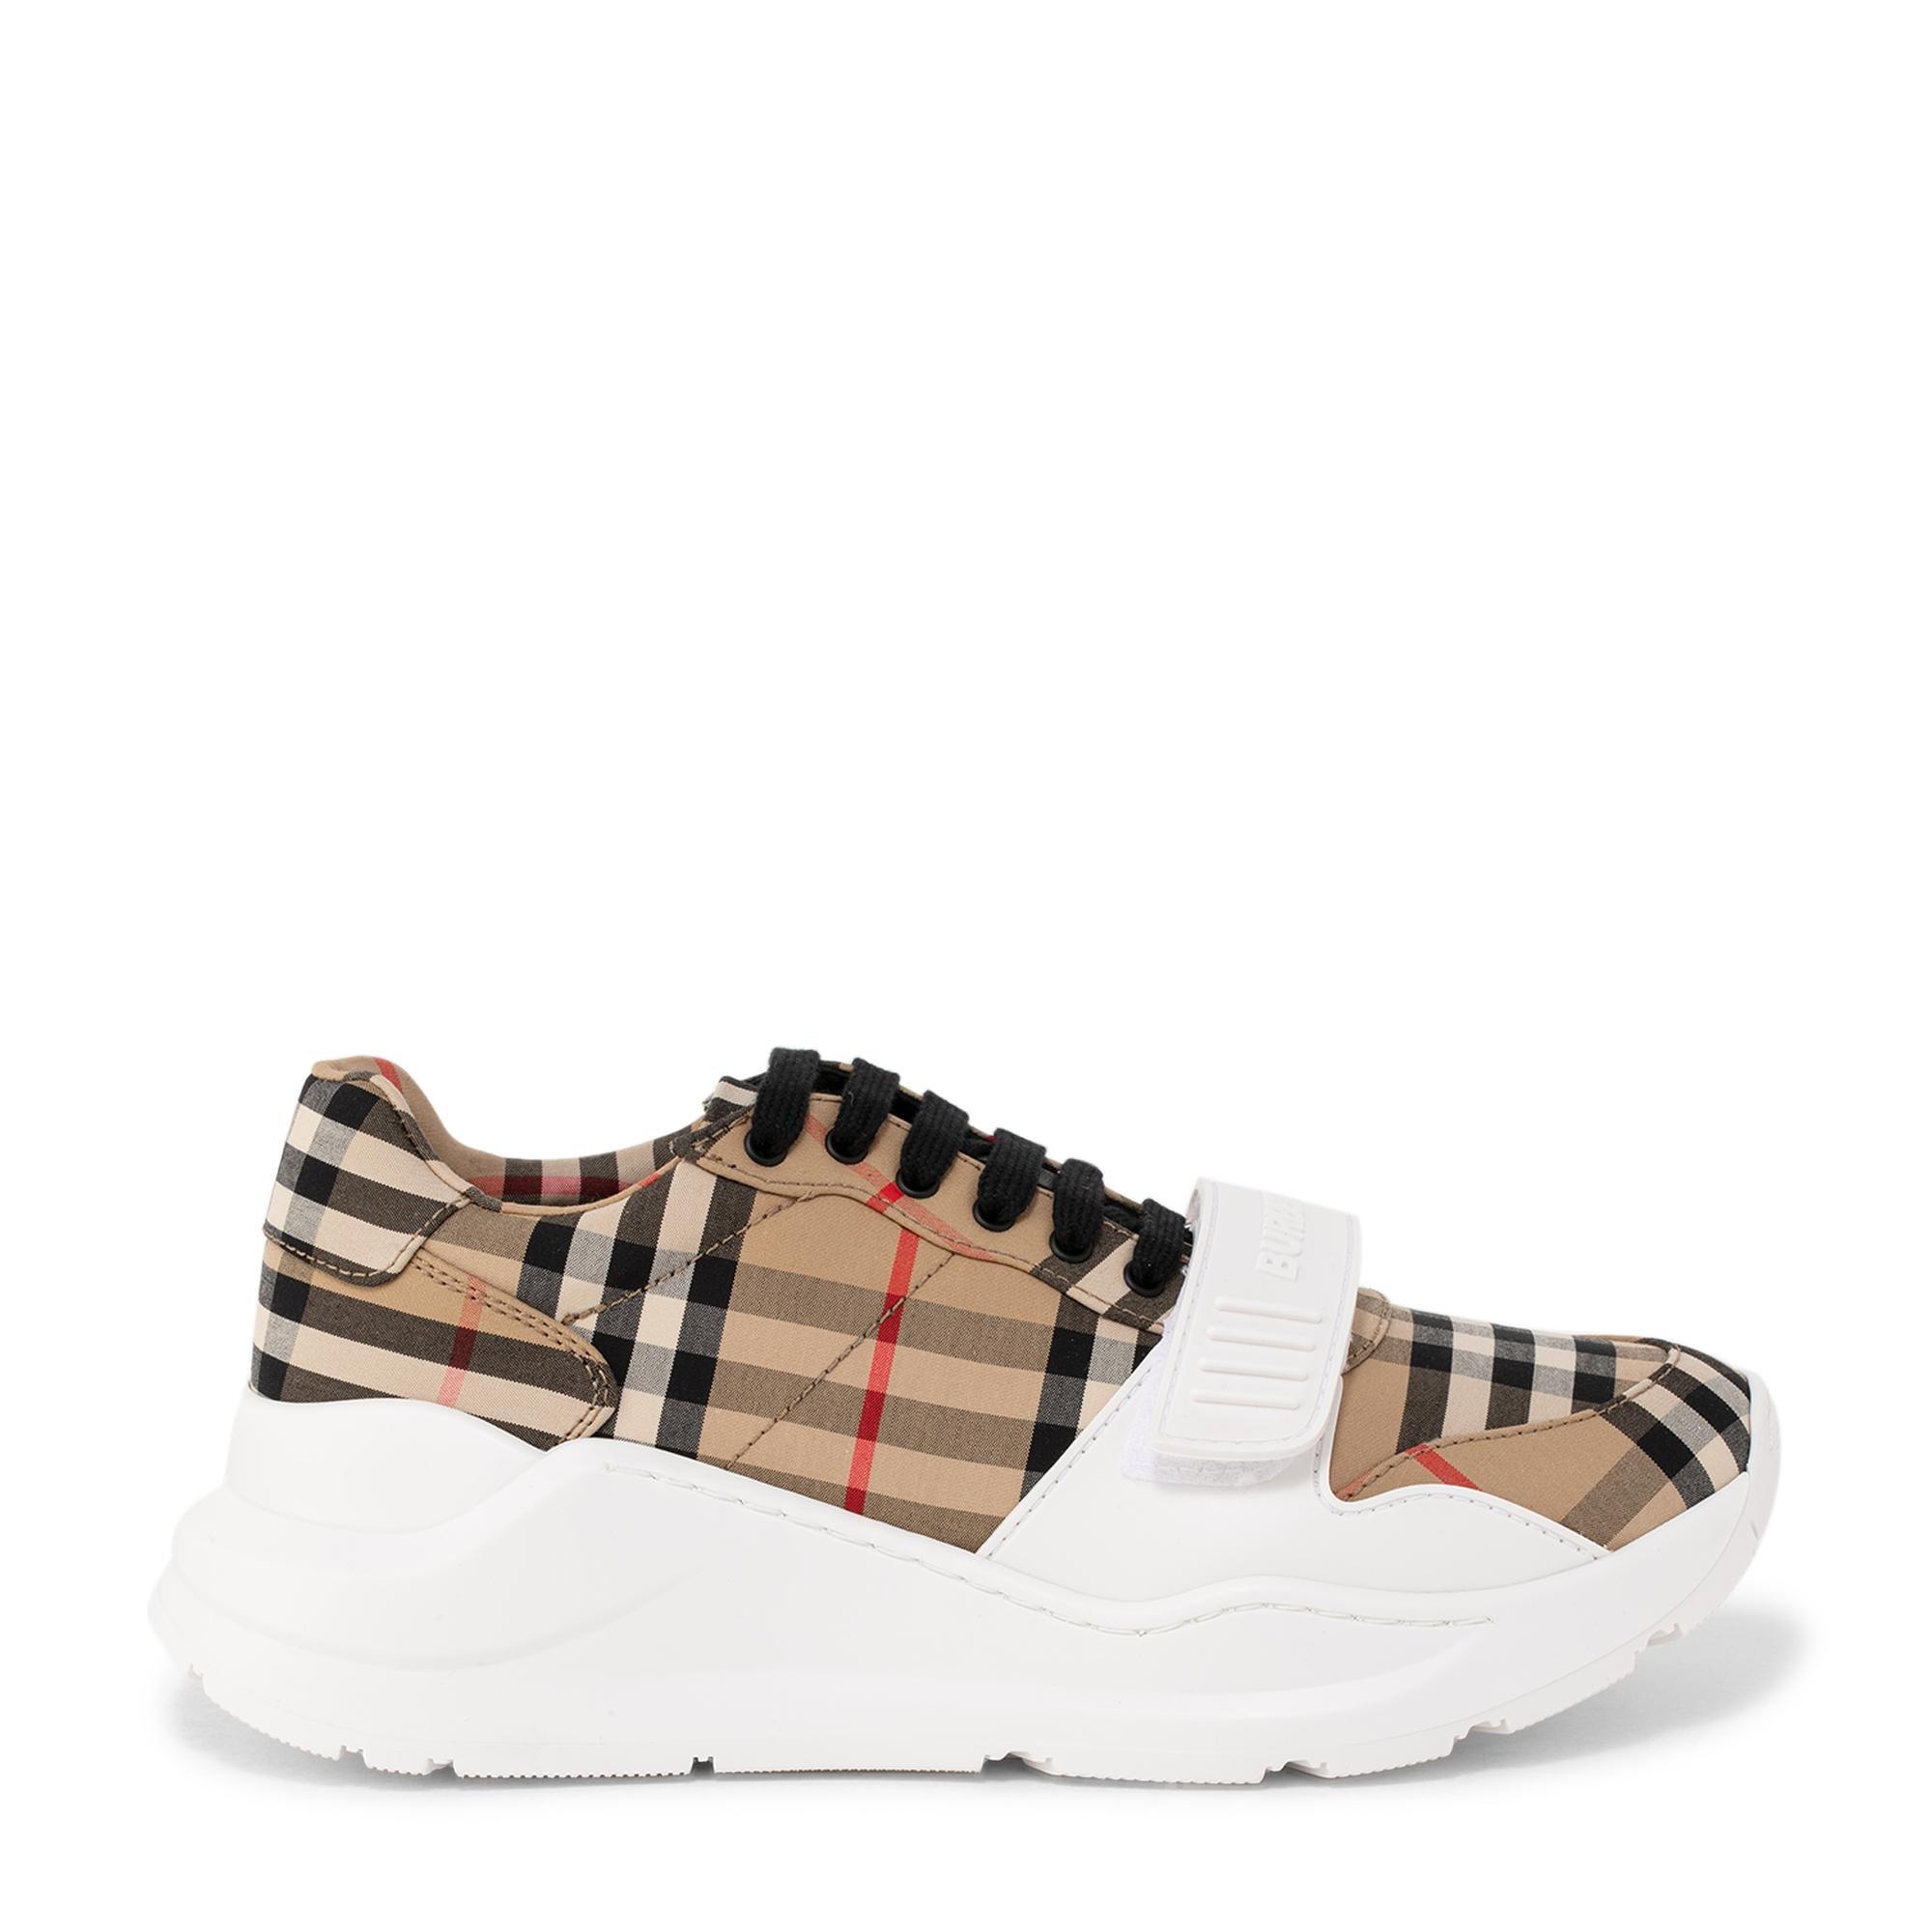 Regis sneakers